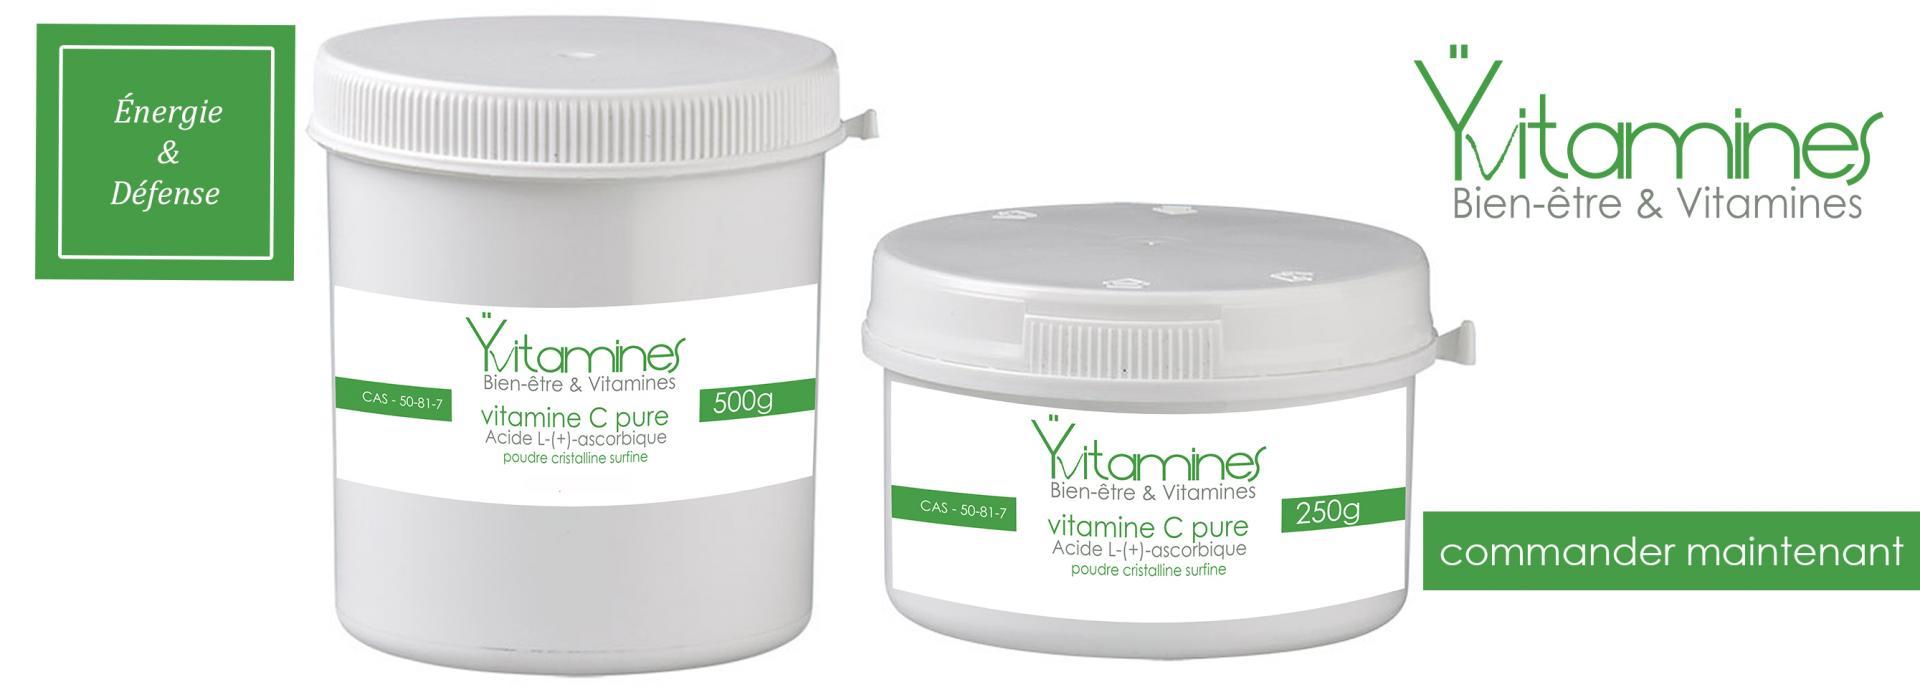 Energie et defense vitamine c pot 250g 500g yvitamine 2